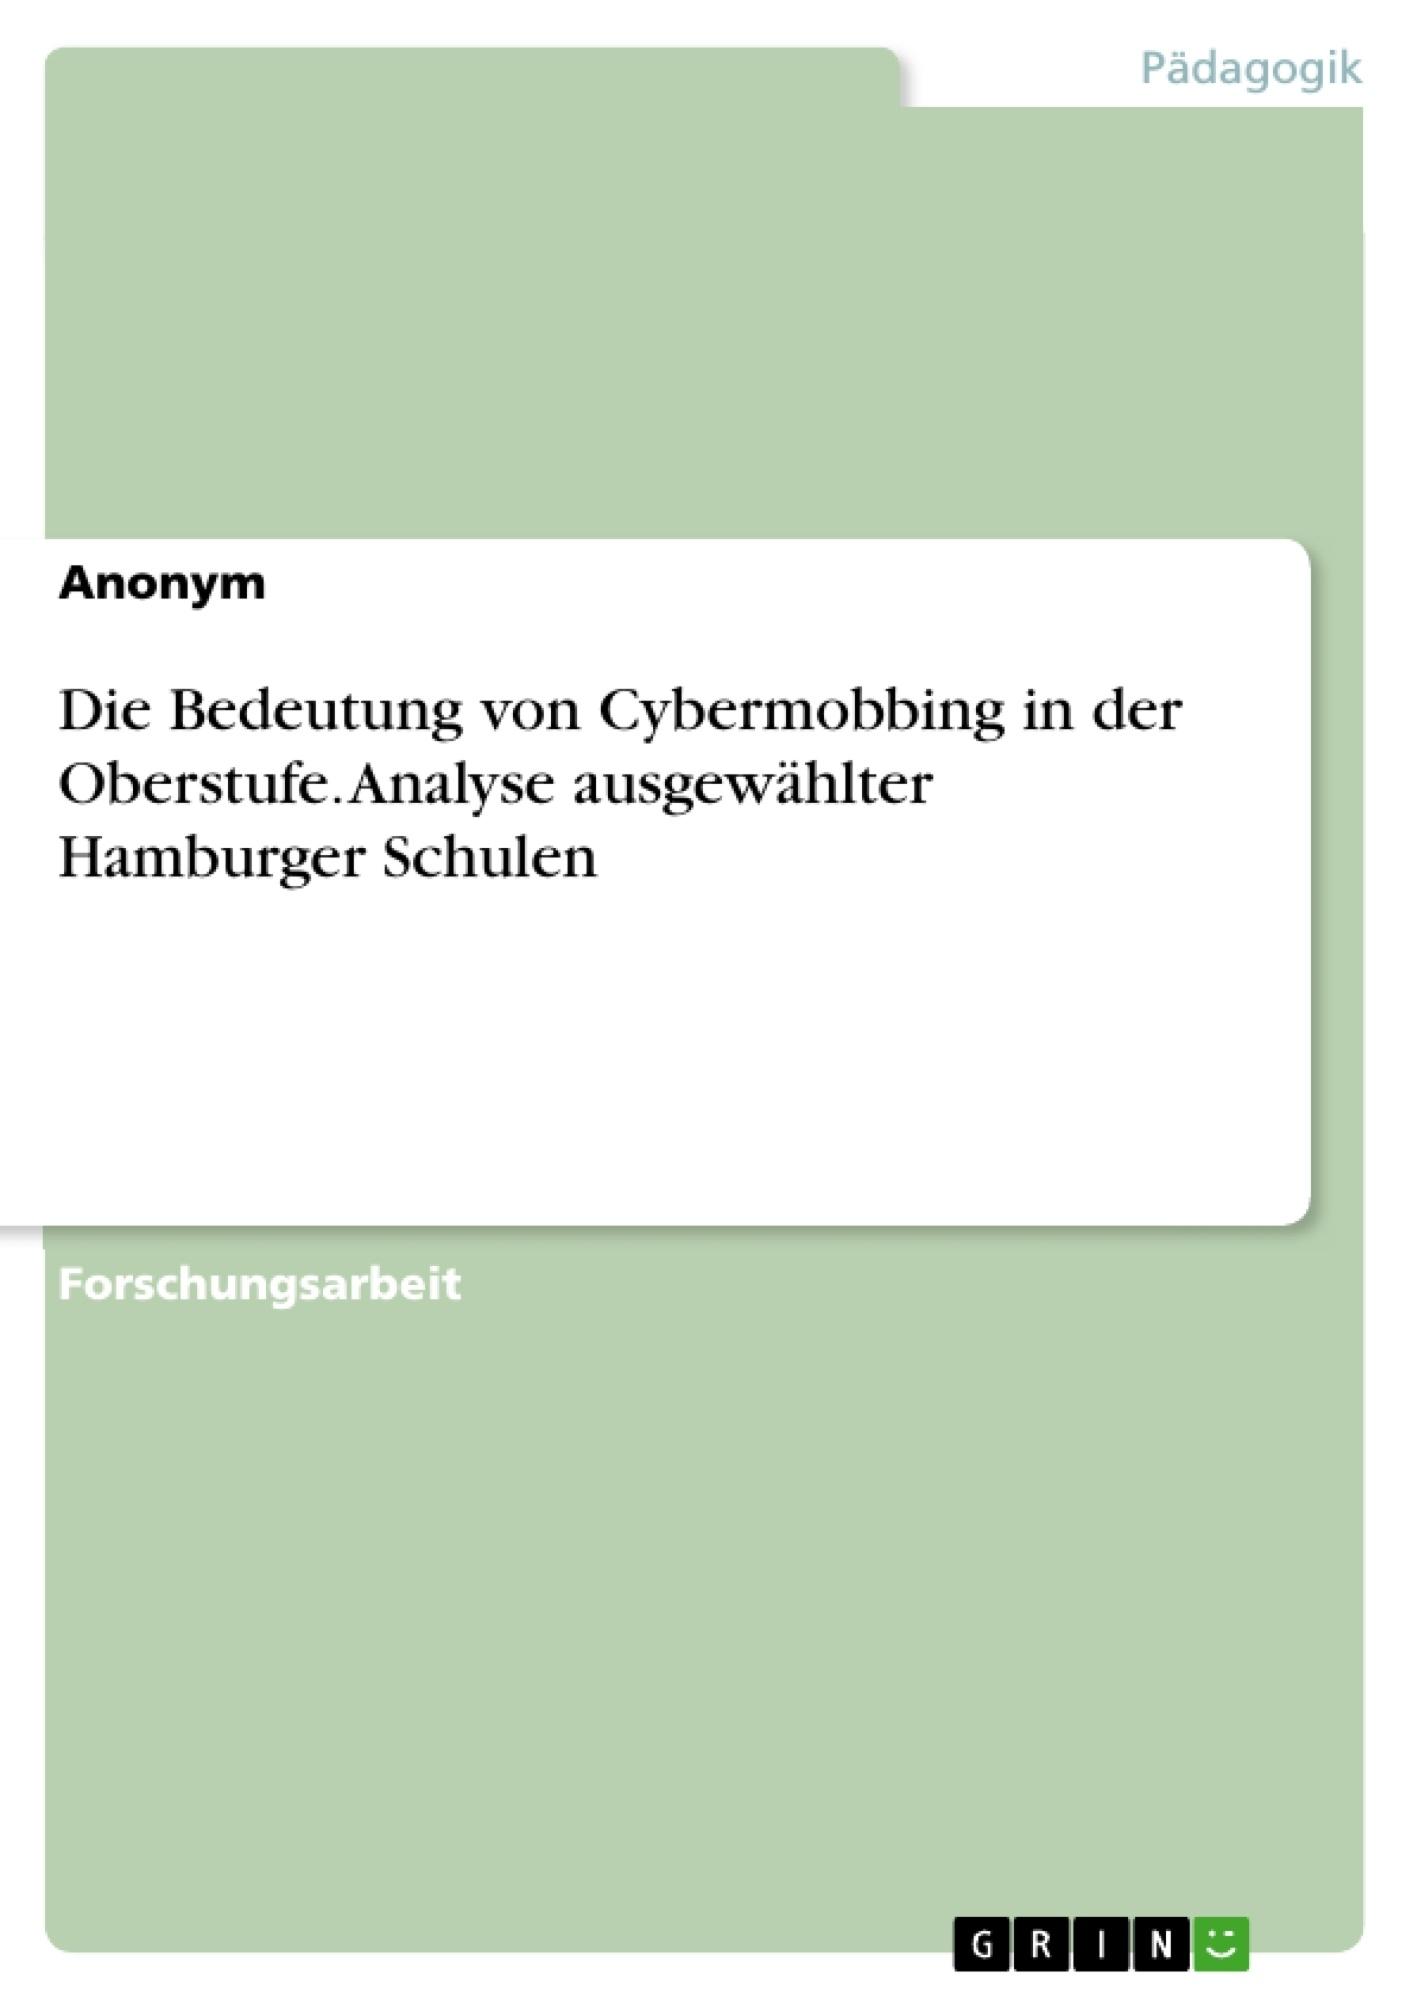 Titel: Die Bedeutung von Cybermobbing in der Oberstufe. Analyse ausgewählter Hamburger Schulen